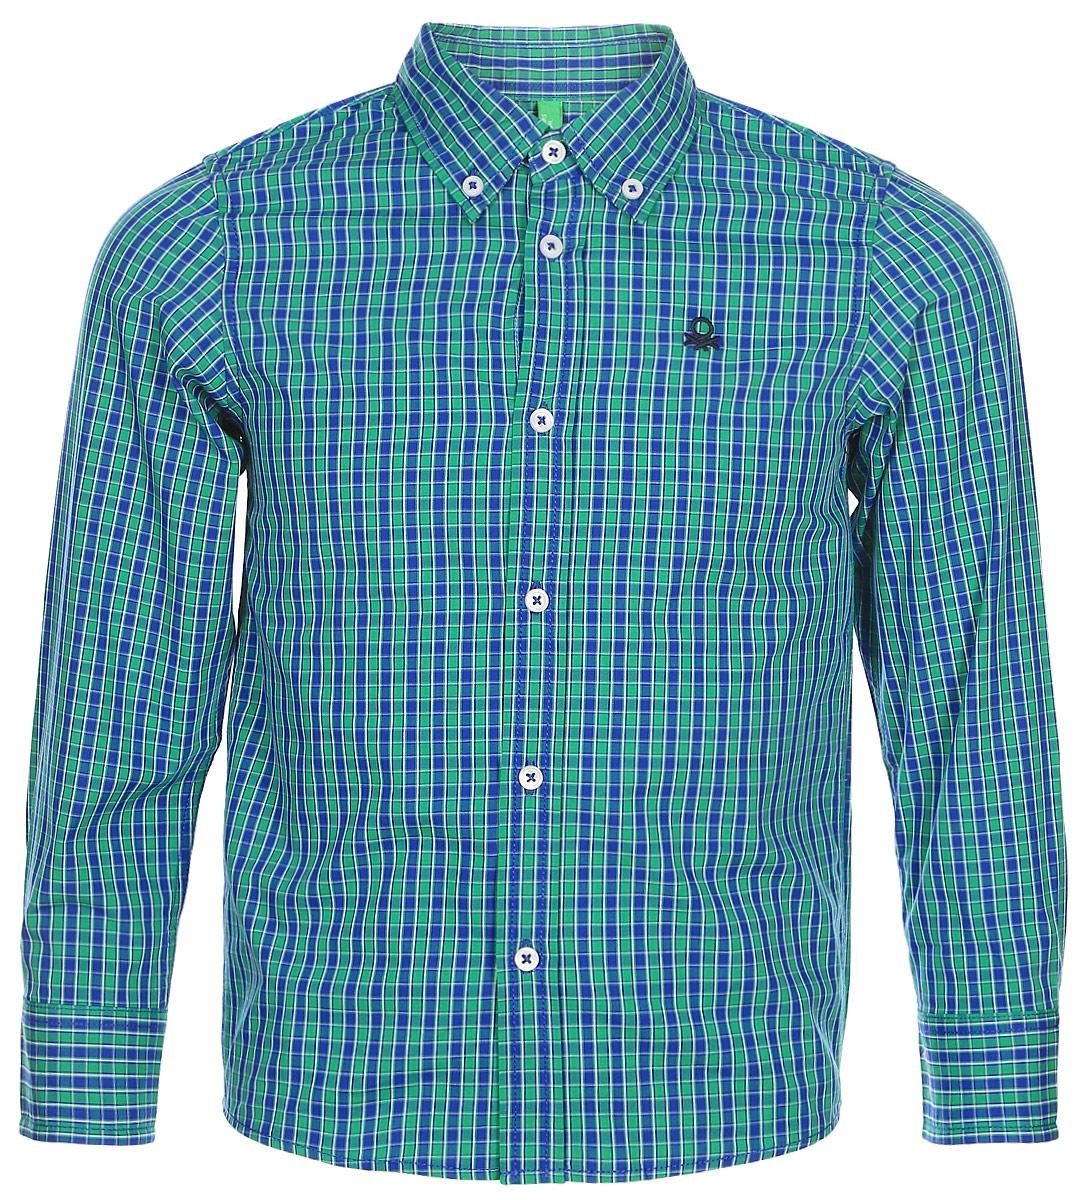 Рубашка для мальчиков United Colors of Benetton, цвет: серый. 5DU65Q200_975. Размер 1505DU65Q200_975